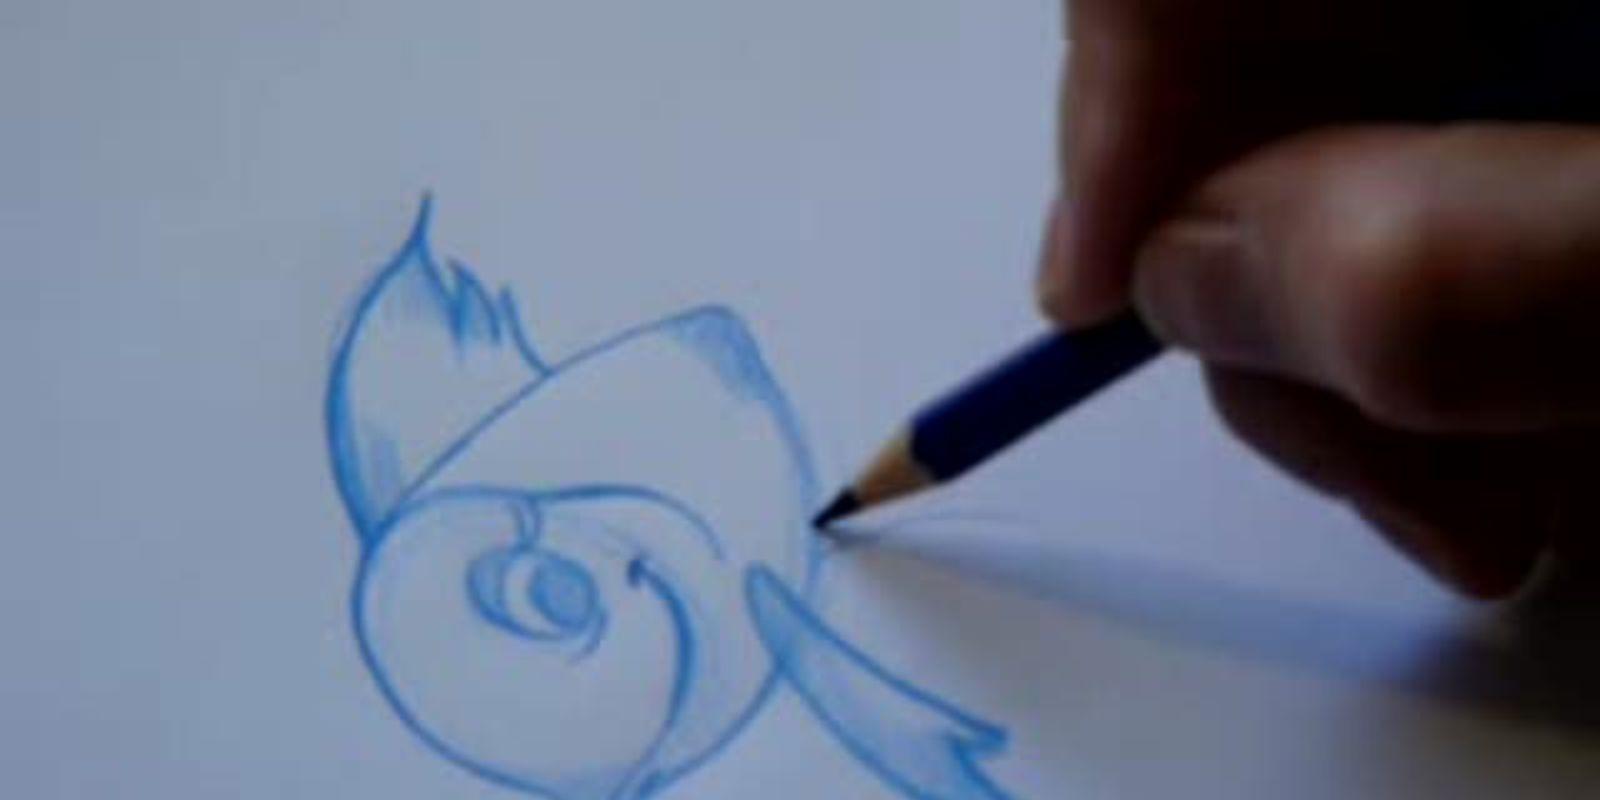 Comment dessiner un poisson - Dessiner un poisson facilement ...